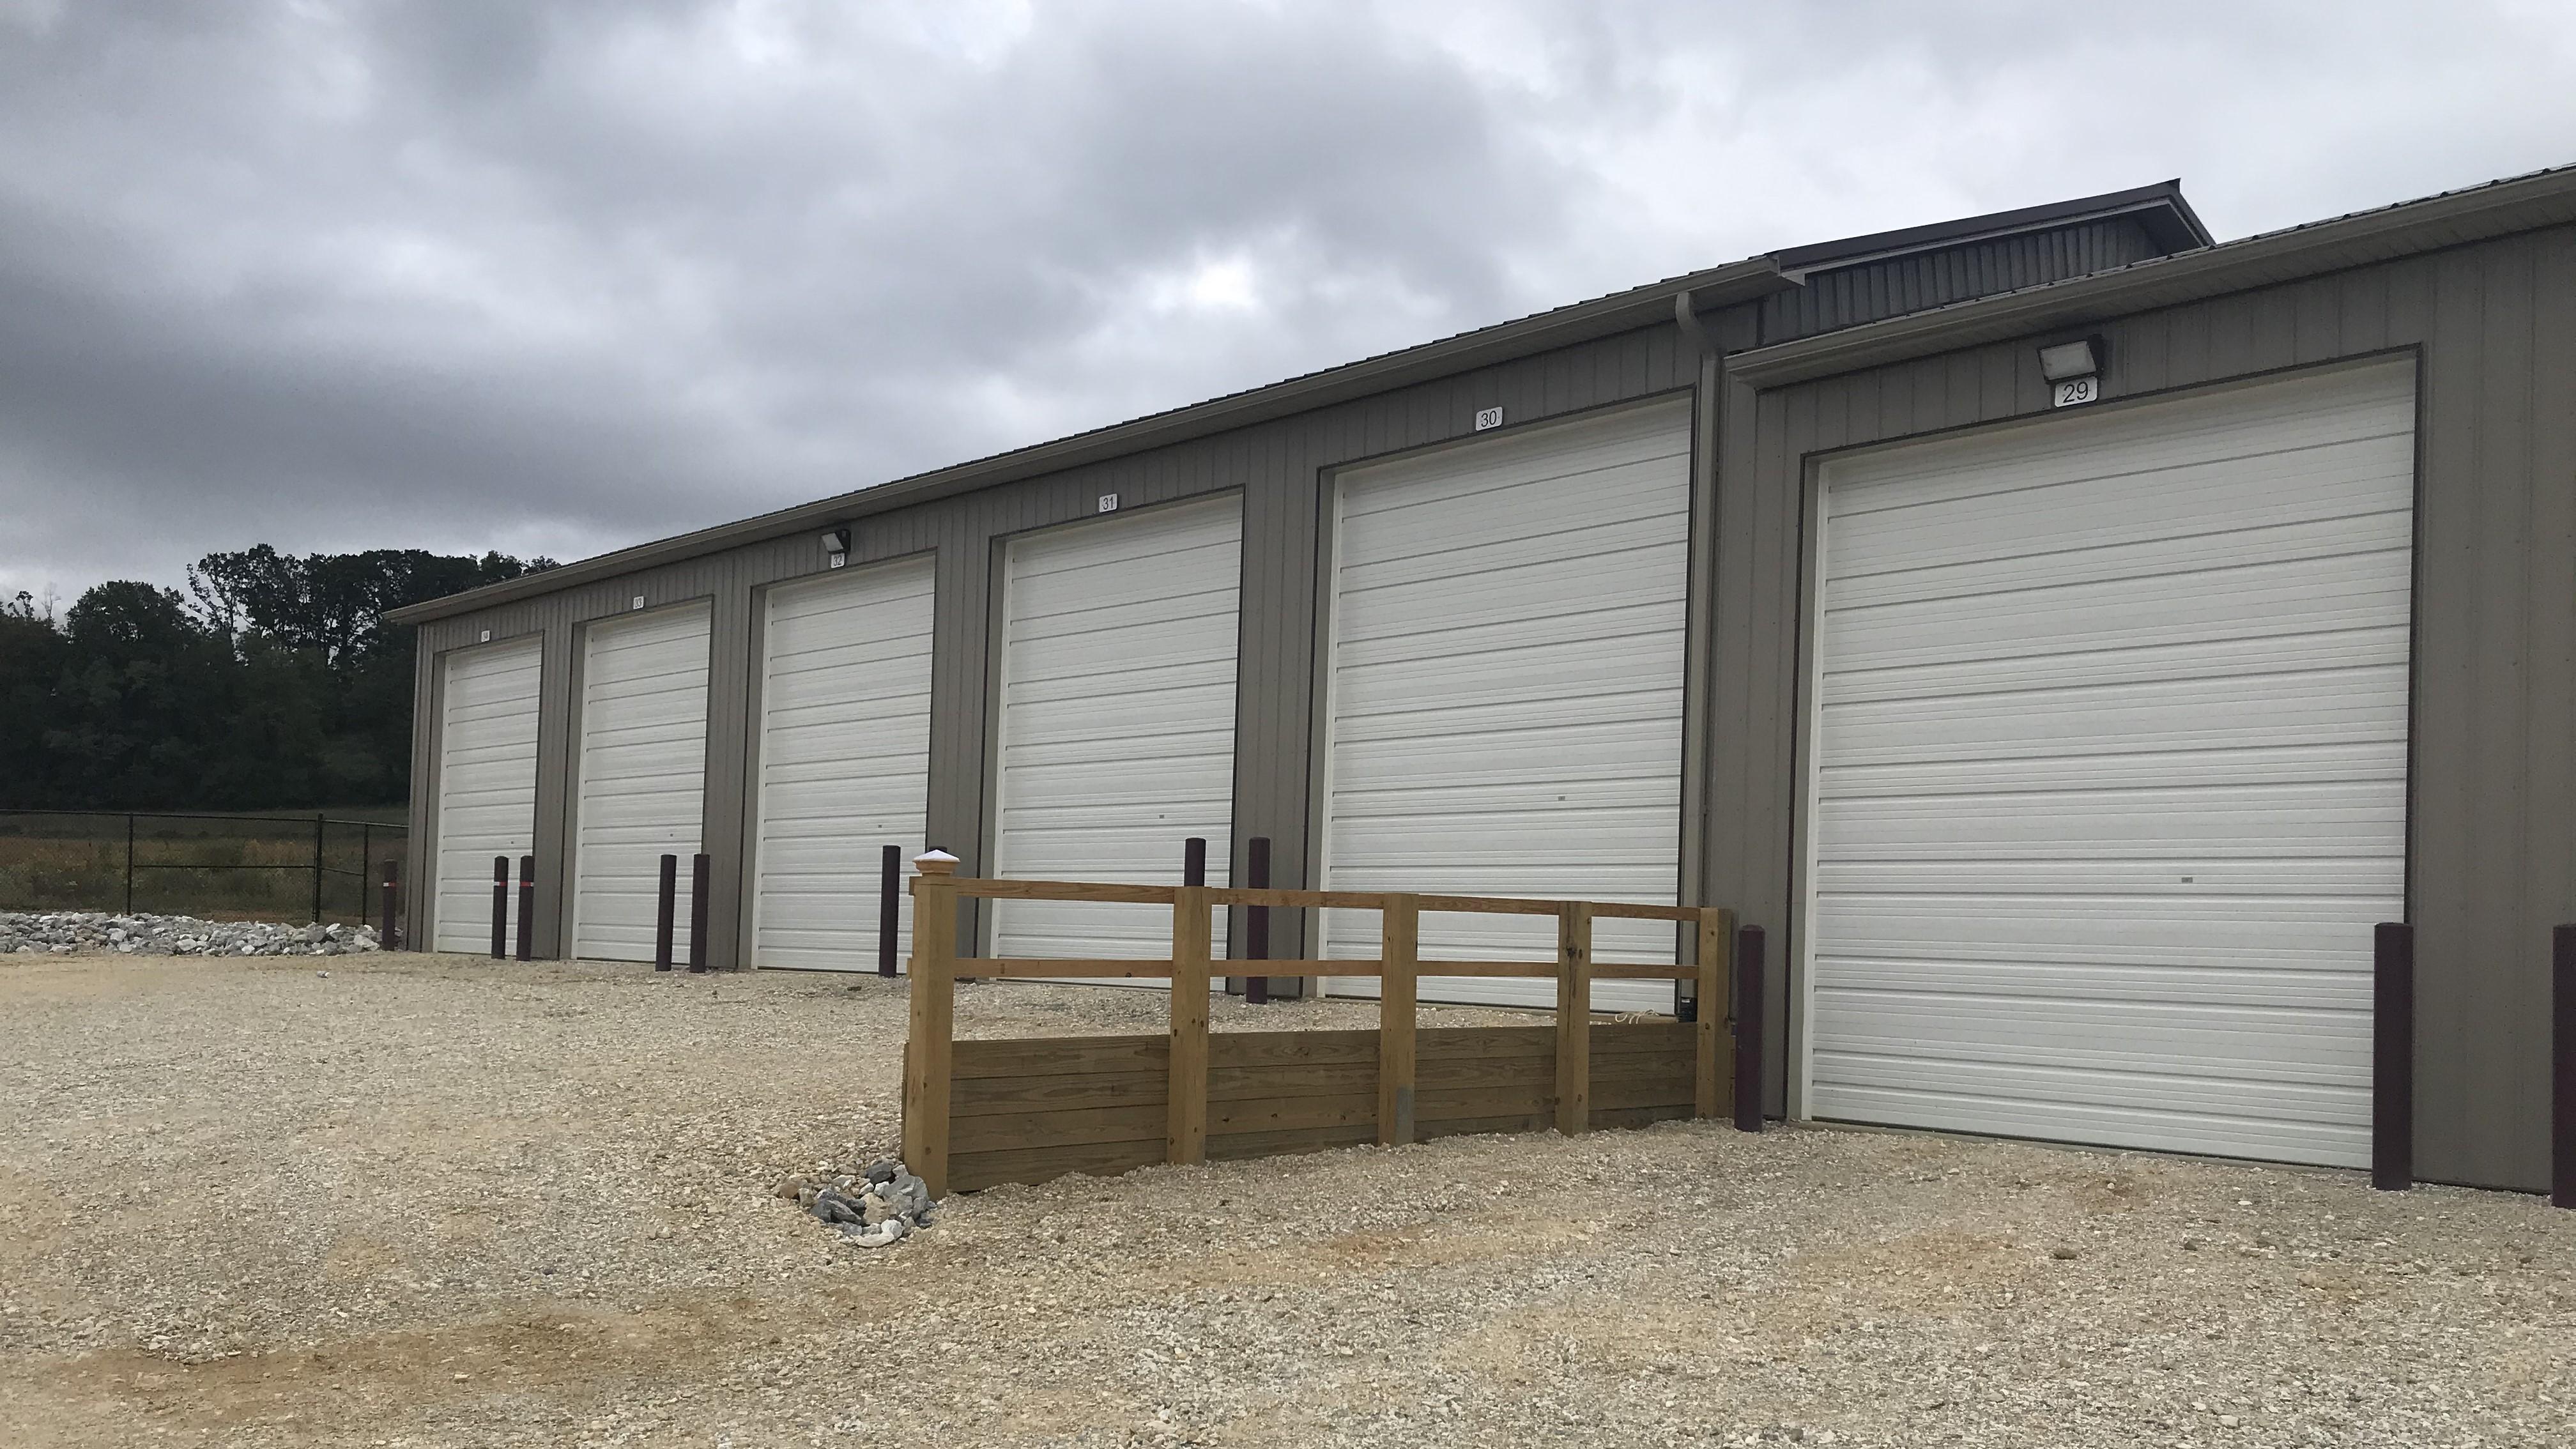 Vehicle storage units with large doors